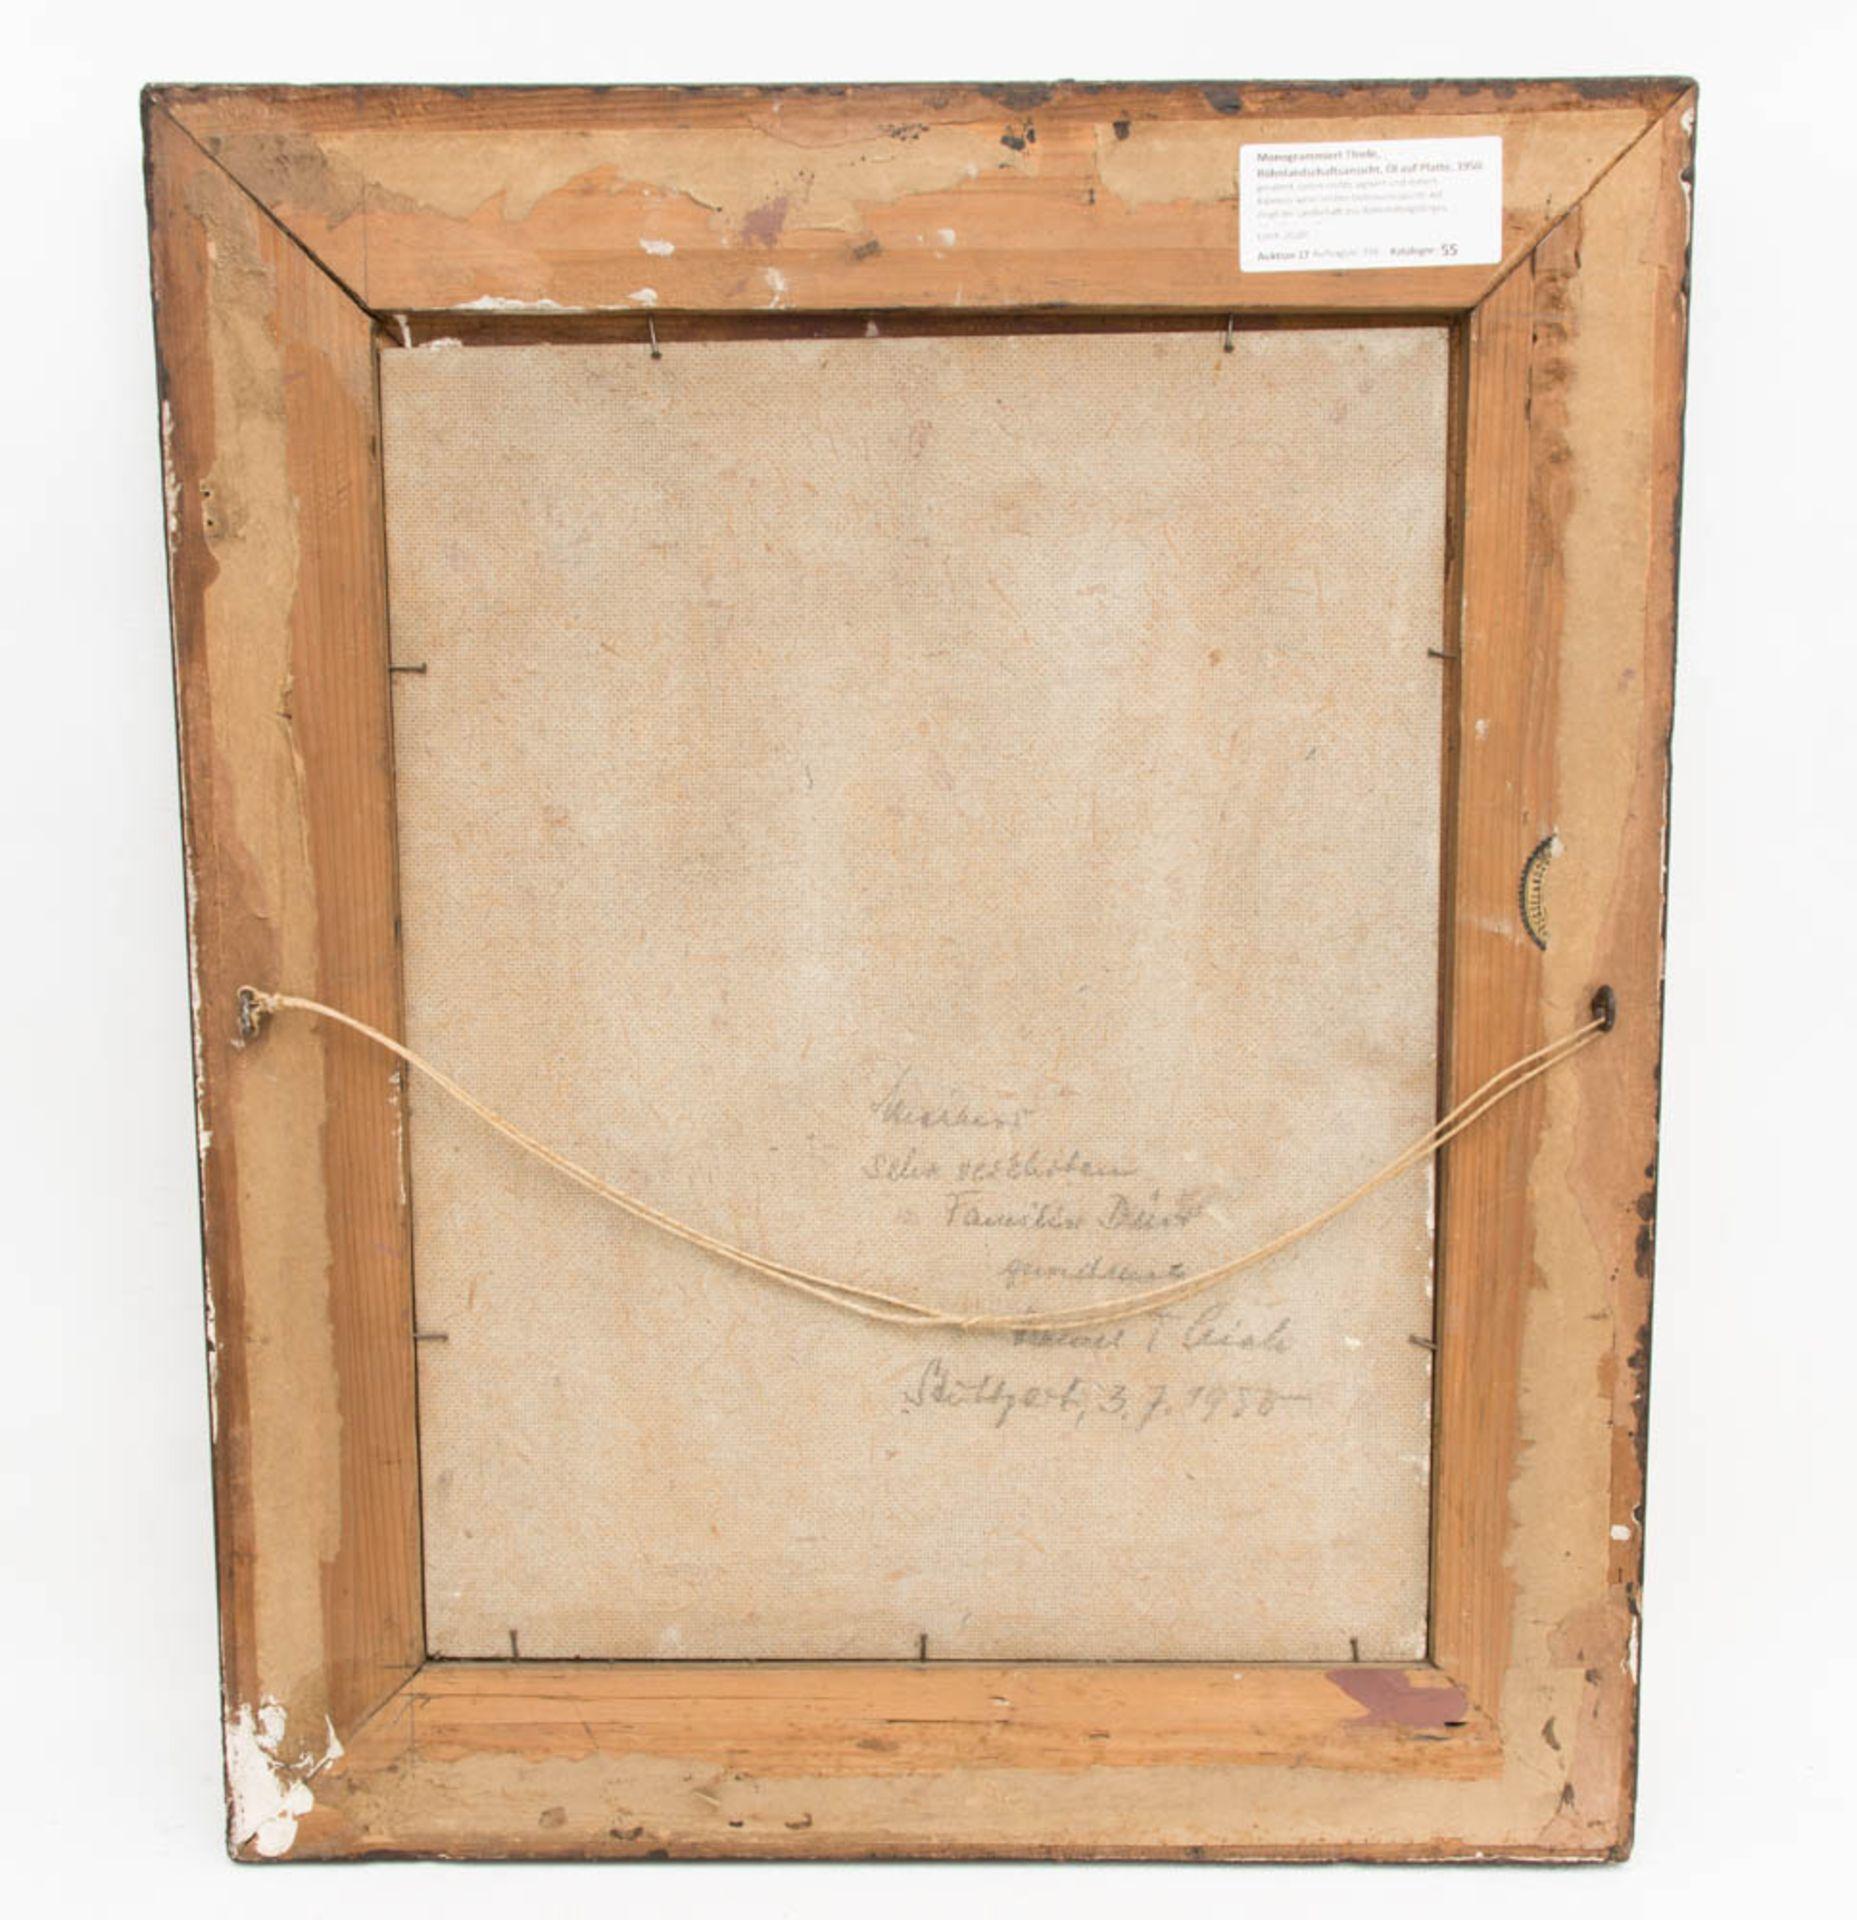 Monogrammiert Thiele, Röhnlandschaftsansicht, Öl auf Platte, 1950.Gerahmt, unten rec - Bild 5 aus 6